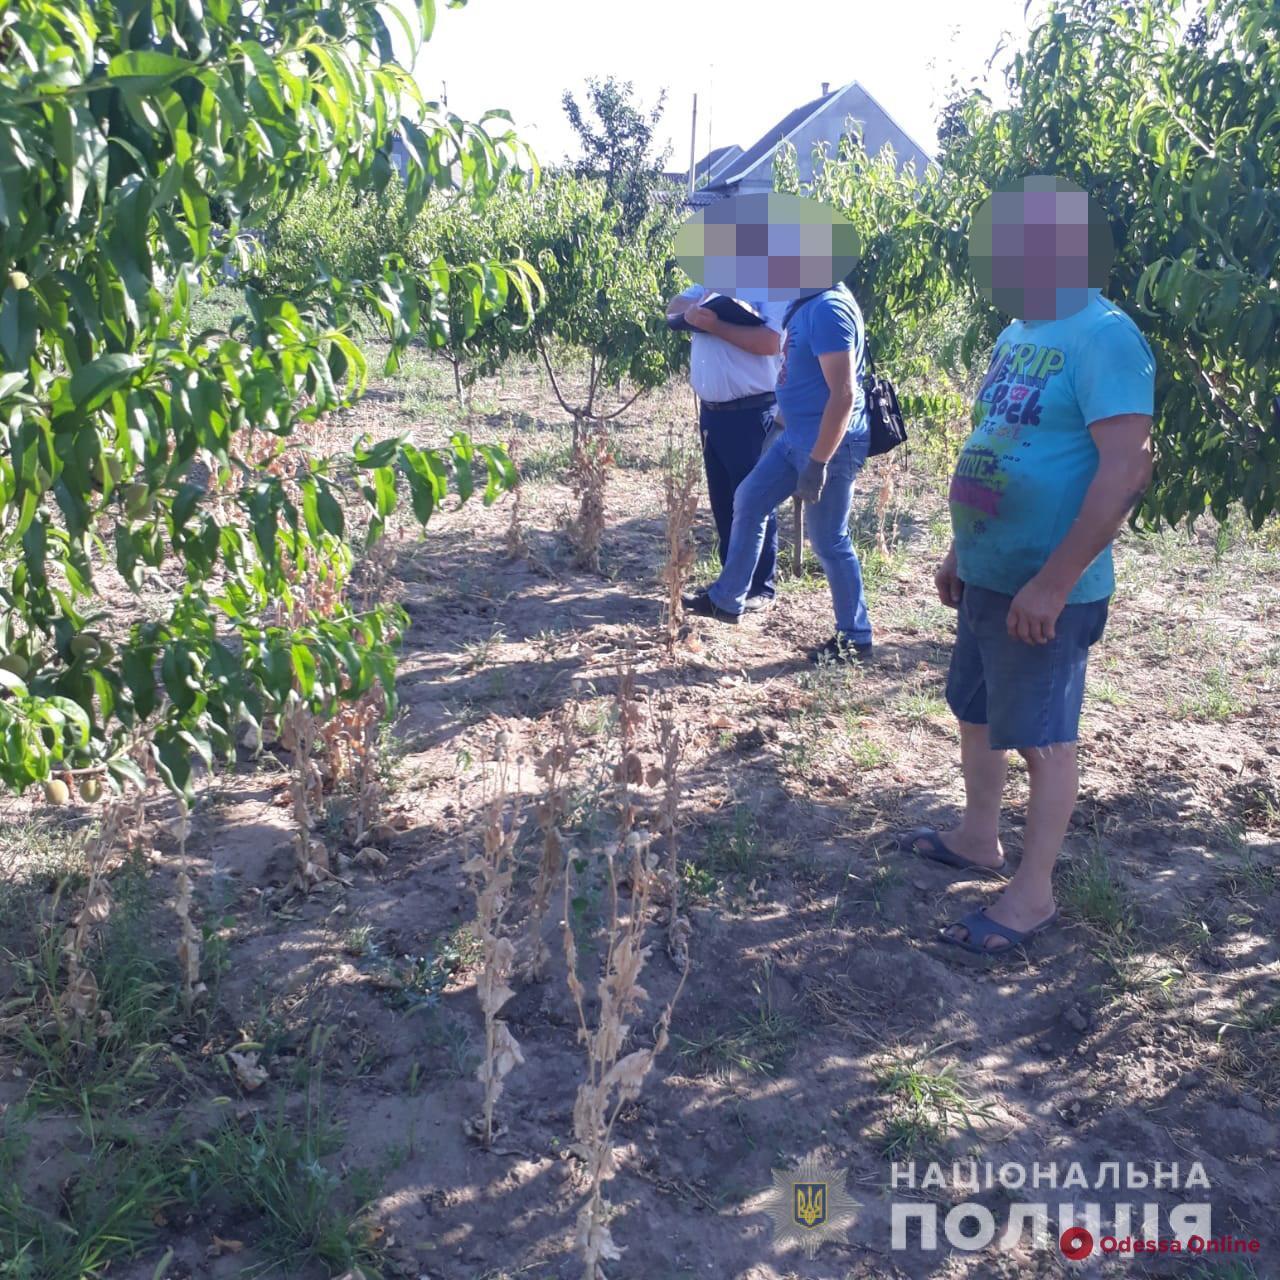 Одесская область: у пенсионера нашли маковую плантацию